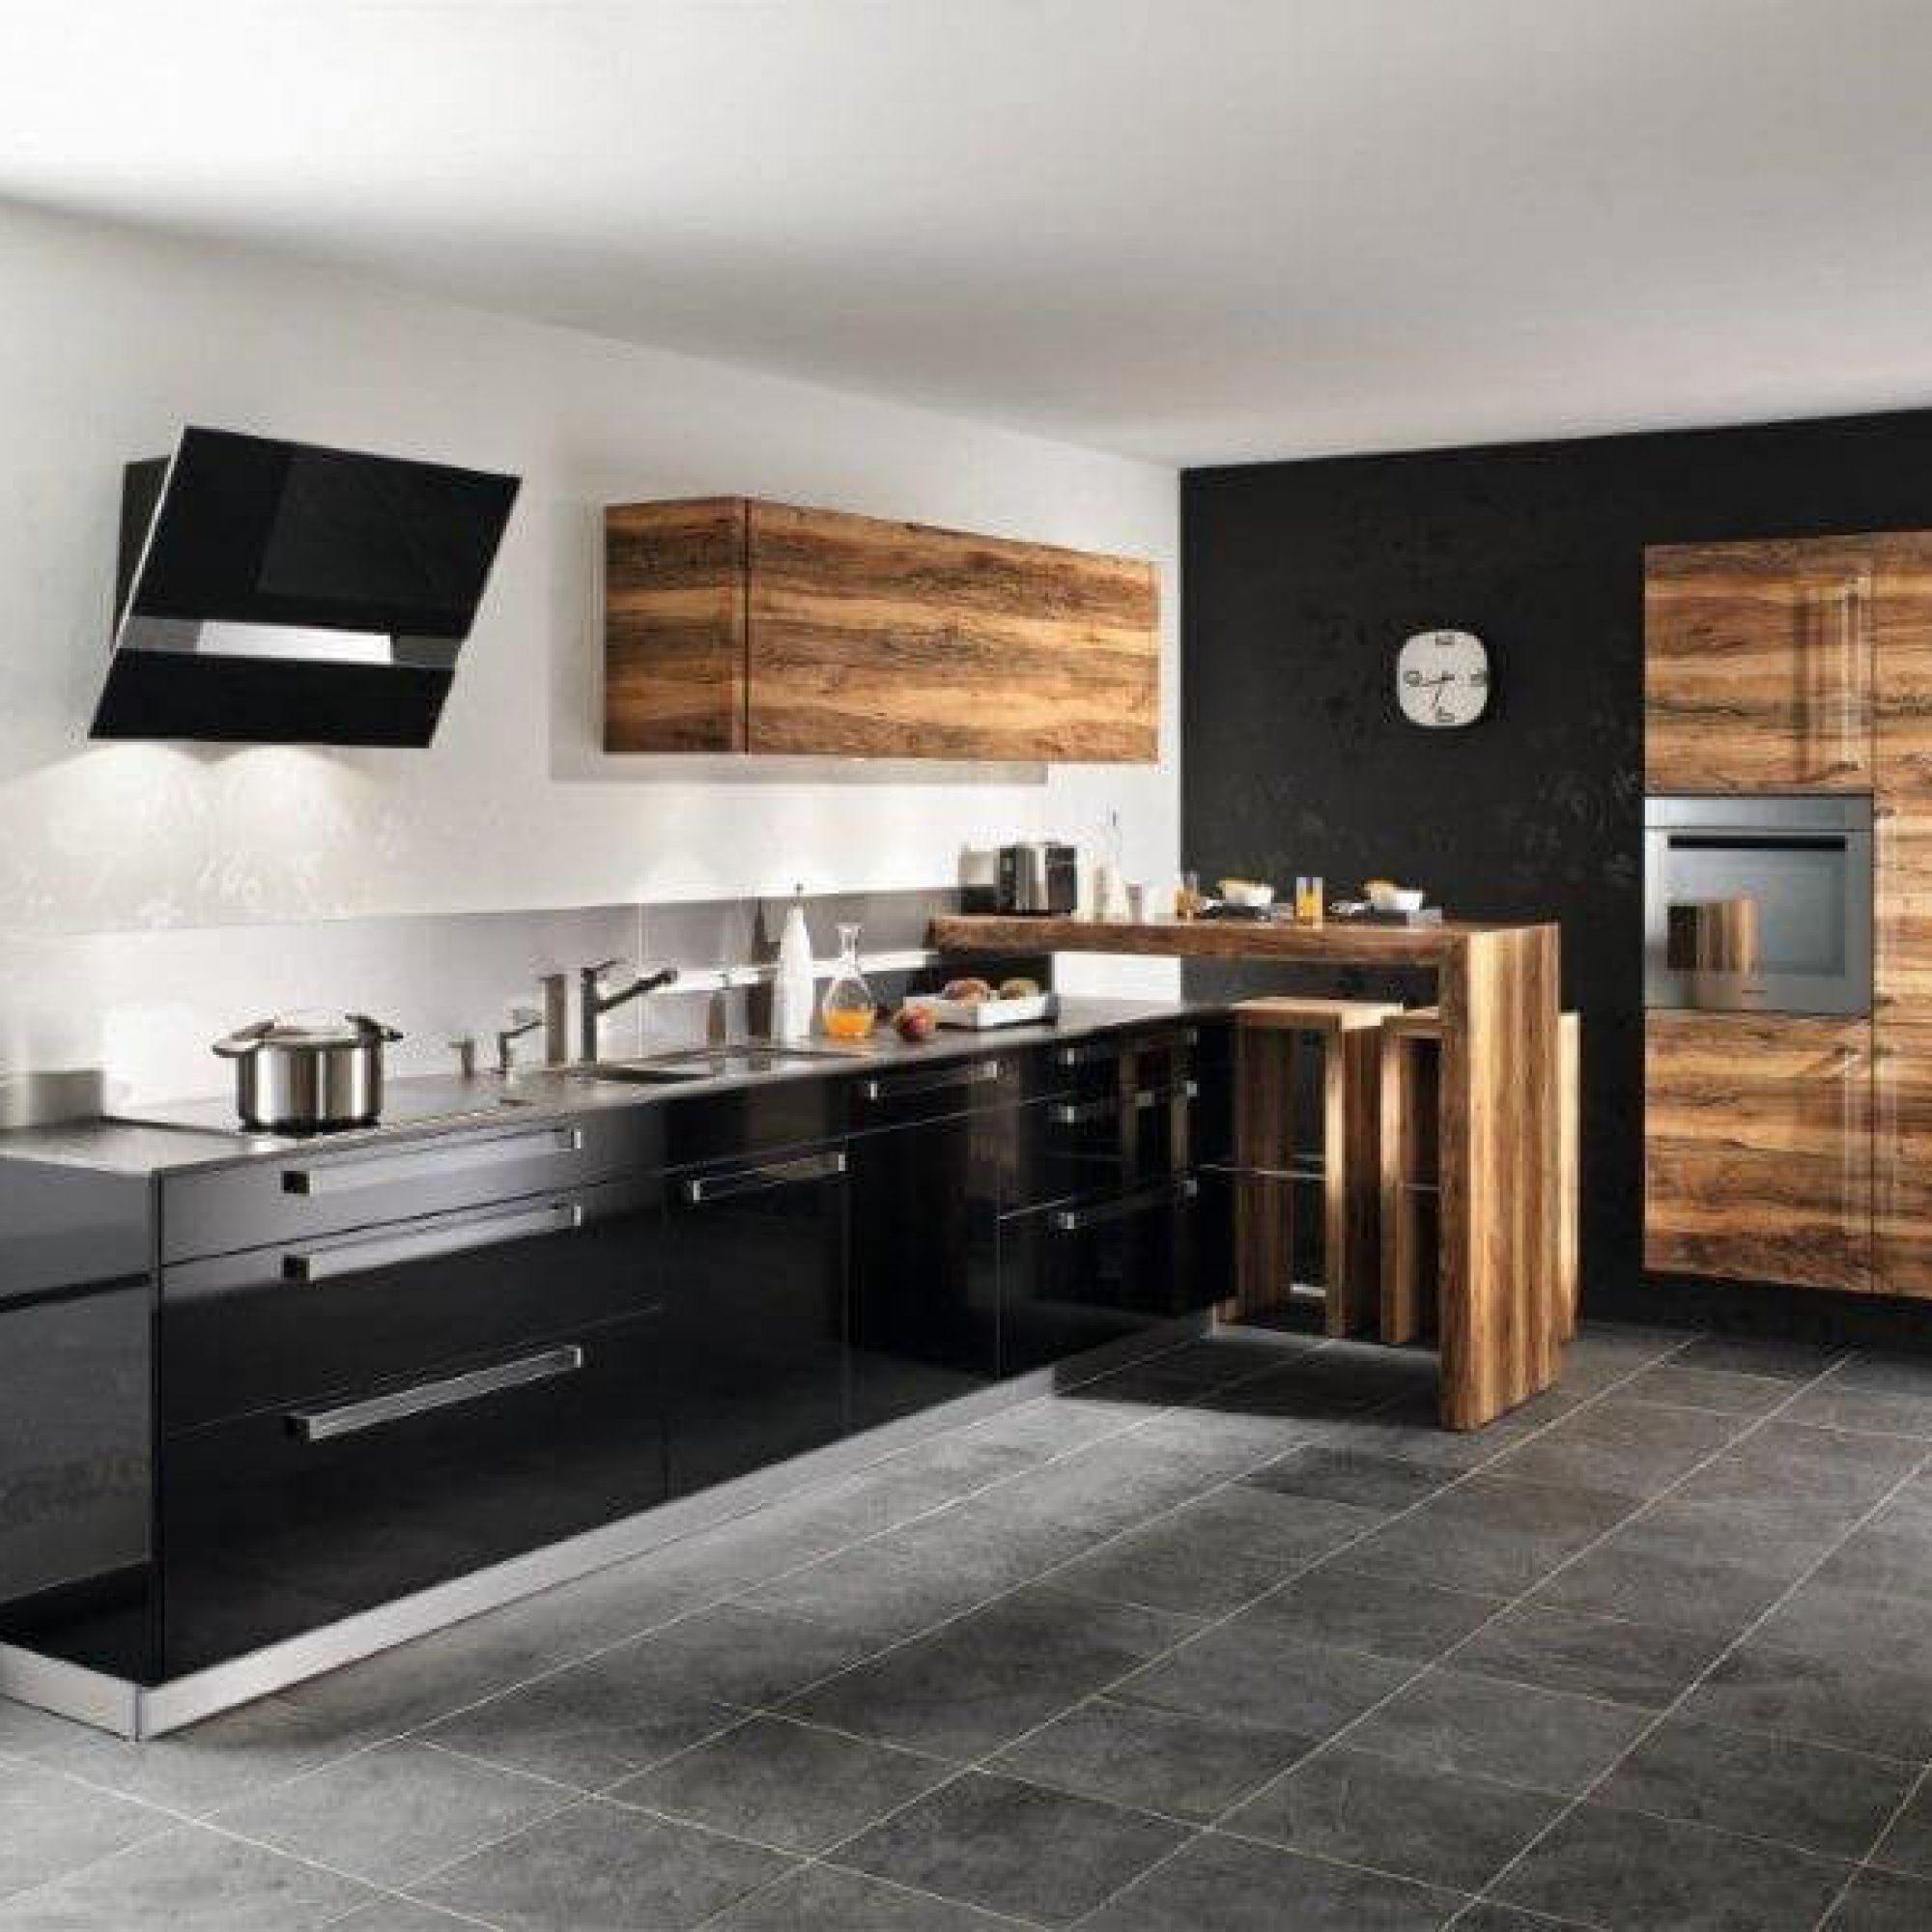 freudenreich-wohnstudio-brader-kuechen_13914966953